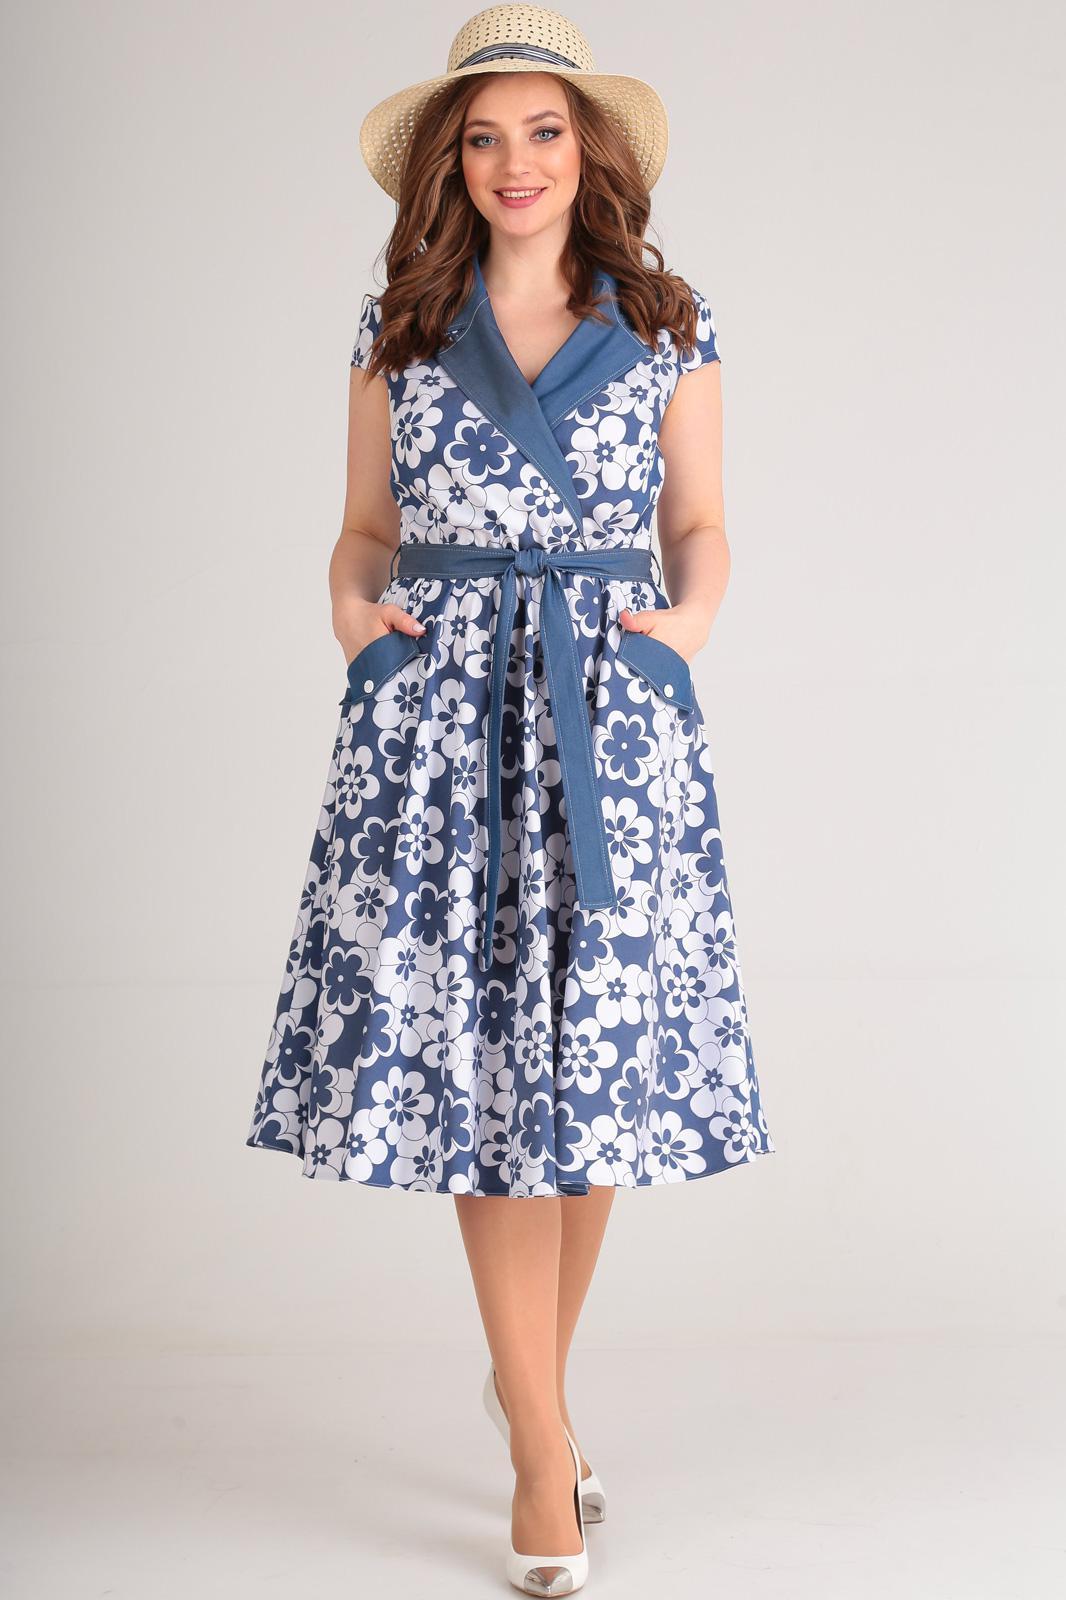 0fffe5edc02 Купить платье в интернет-магазине в Минске. Белорусские женские платья